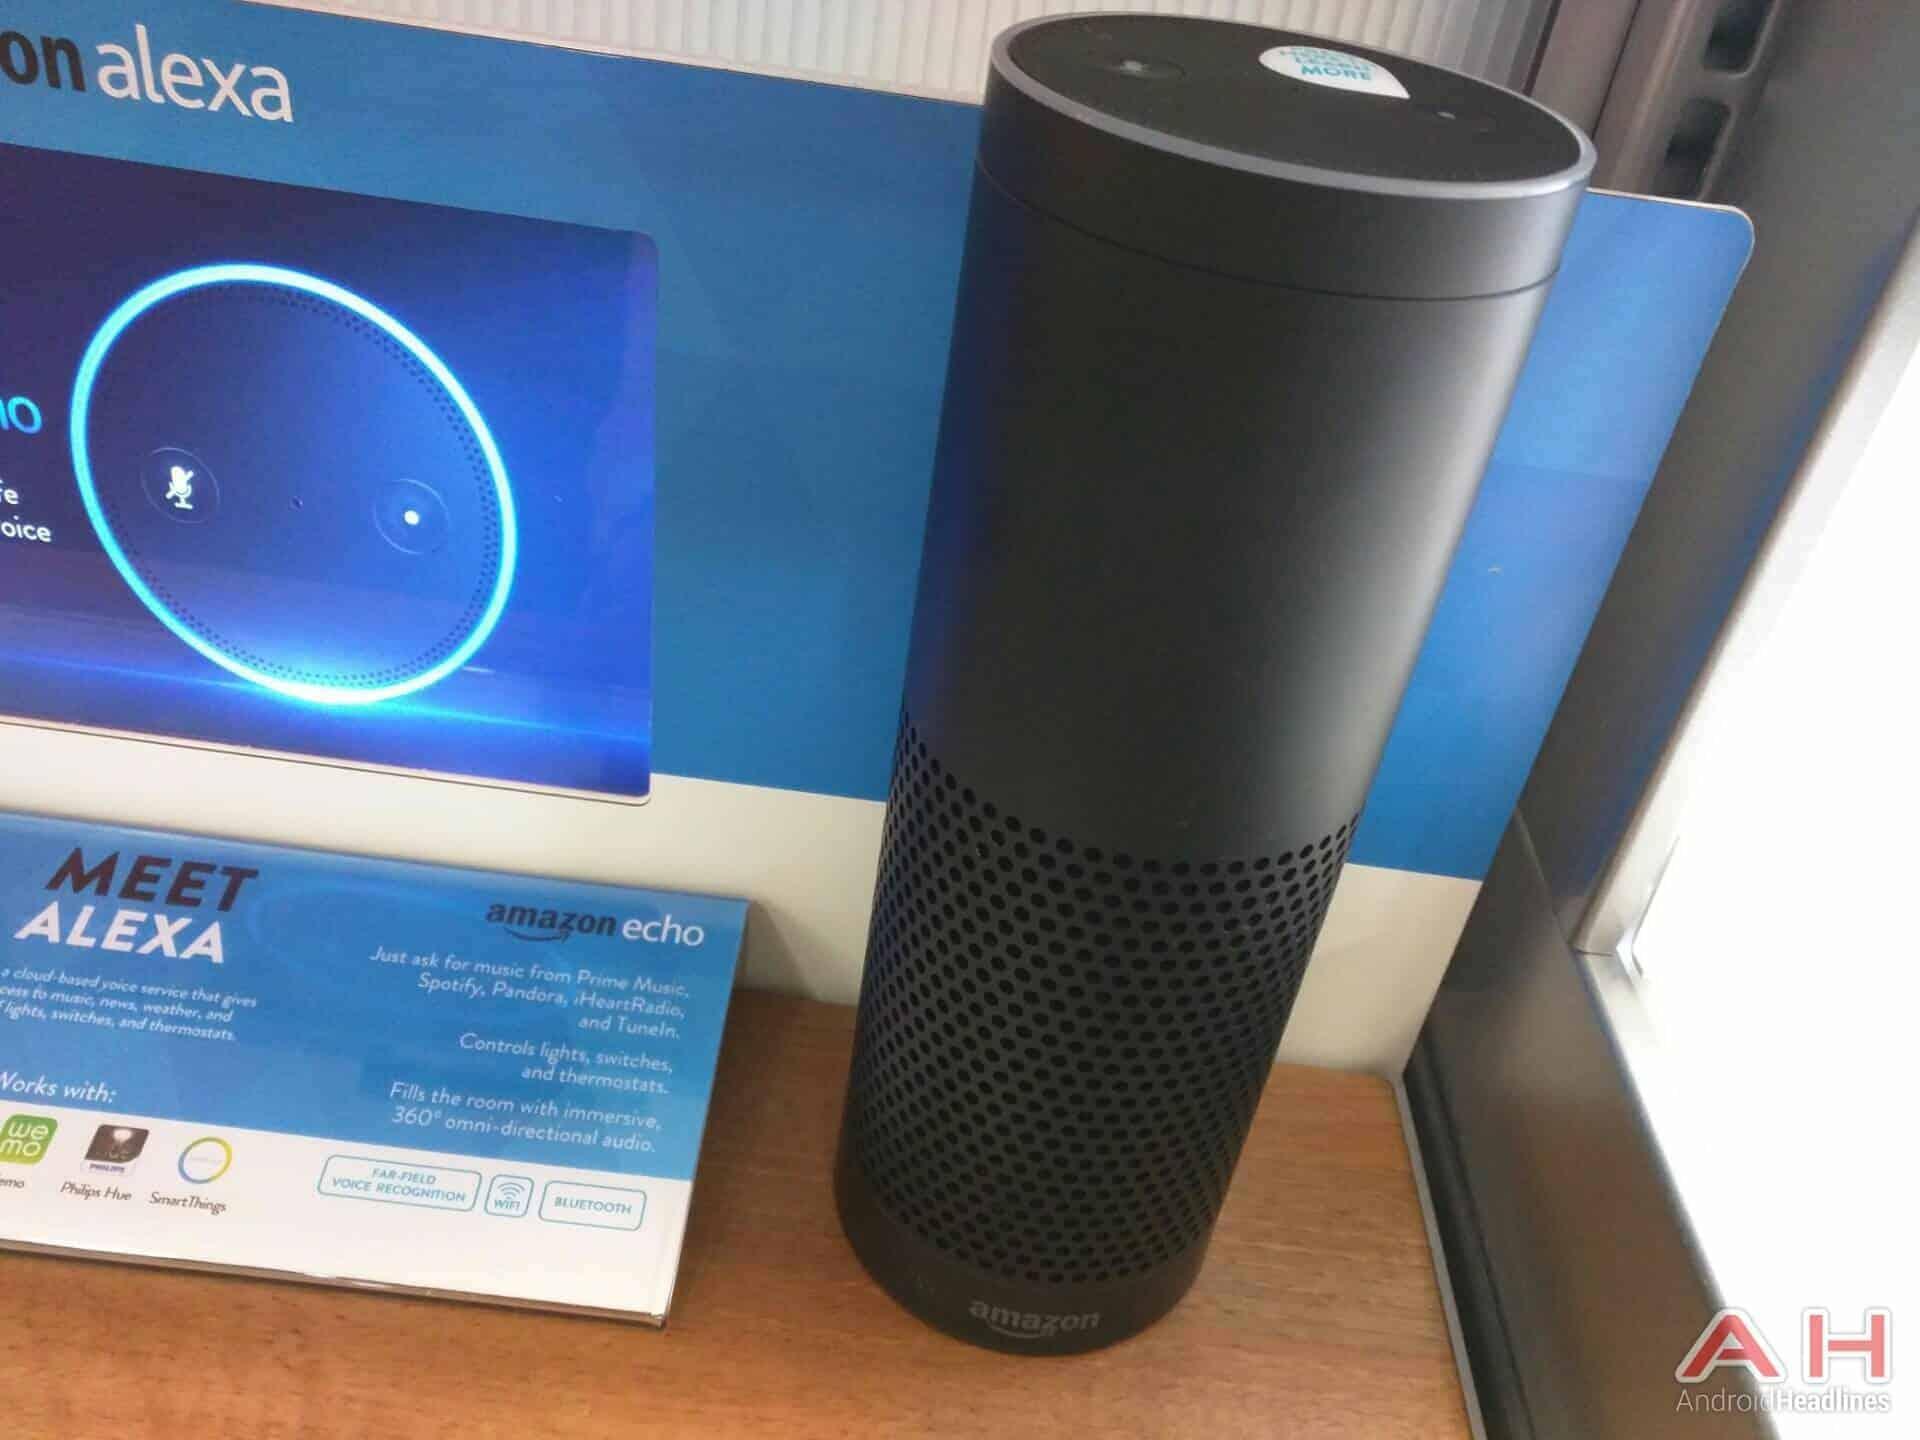 Amazon Echo AH 1